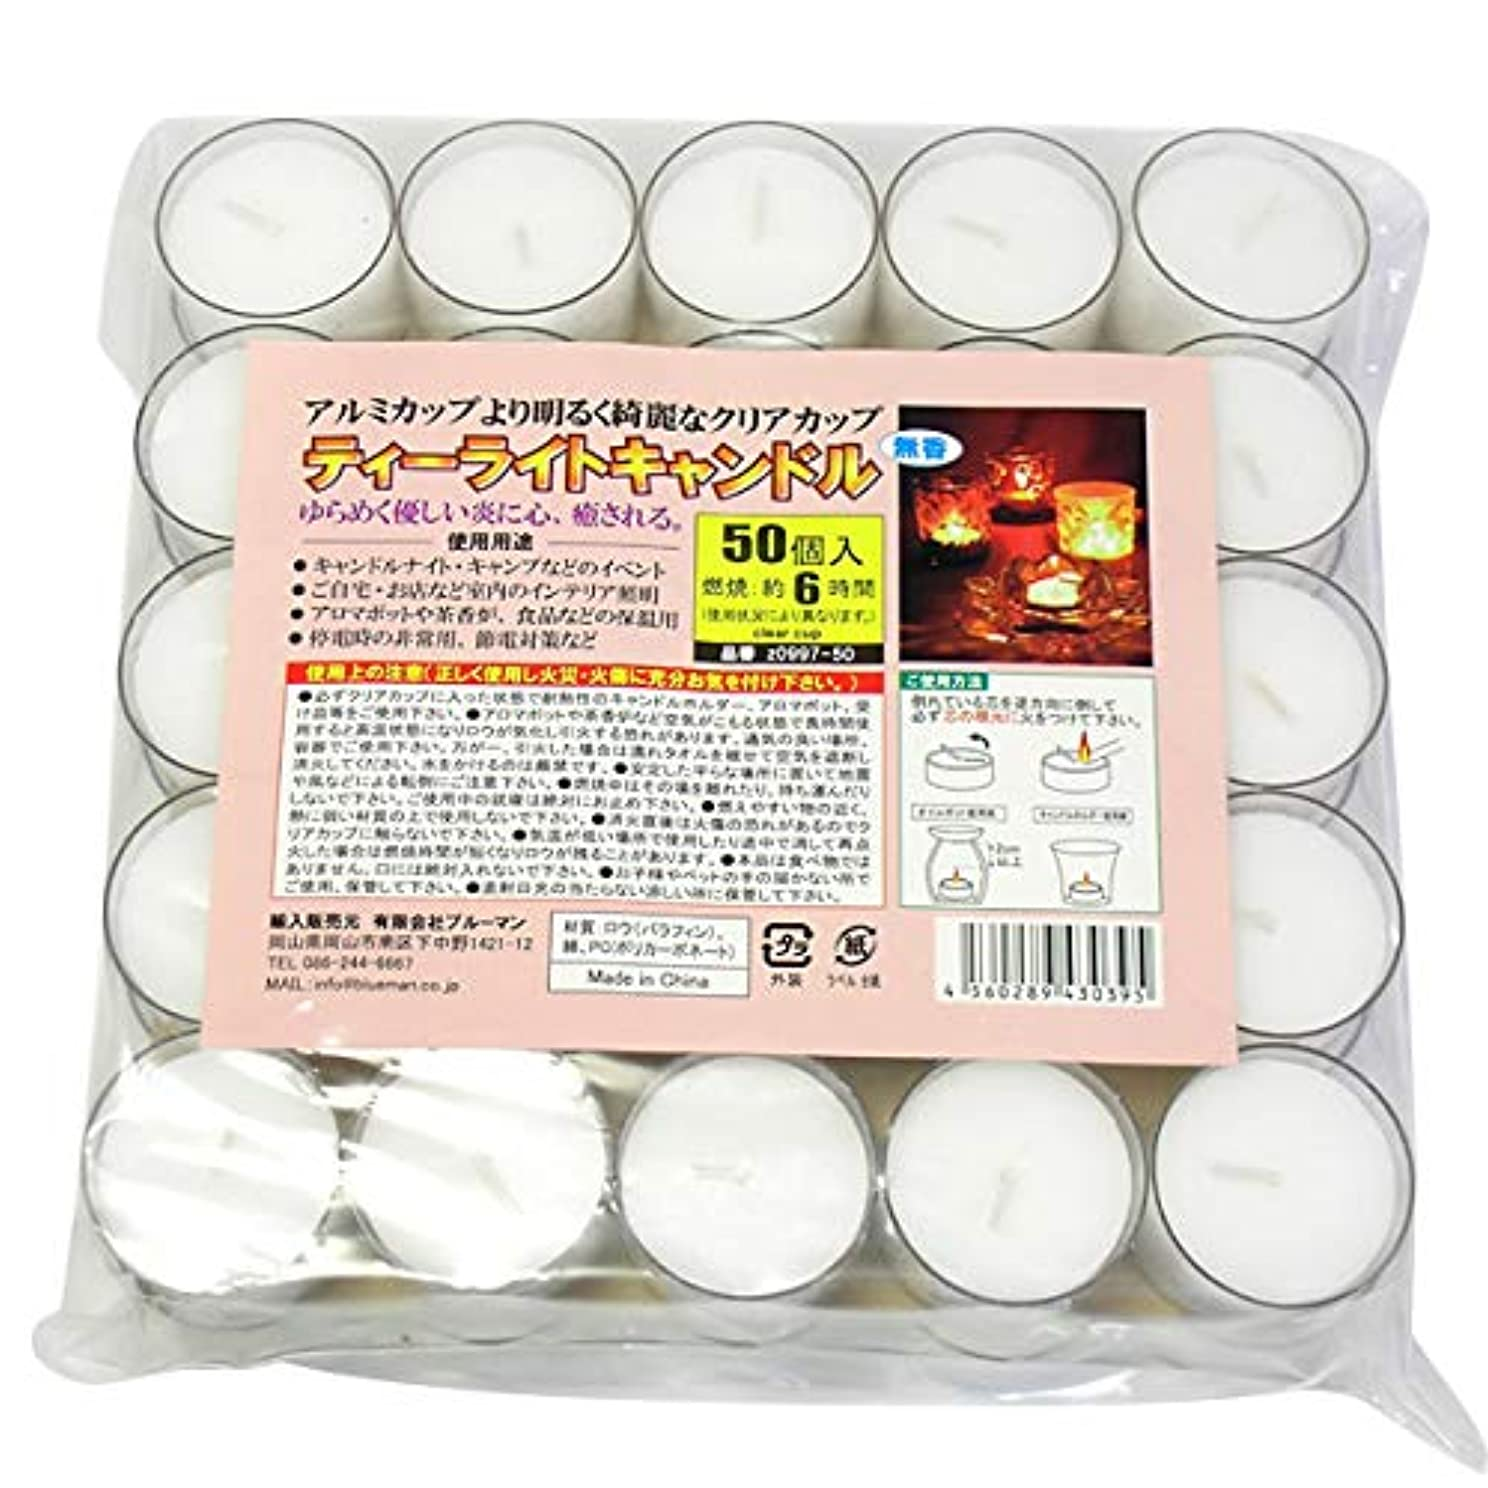 攻撃放出香港ティーライトキャンドル クリアカップ 燃焼 約6時間 500個 ティーキャンドル ロウソク ろうそく